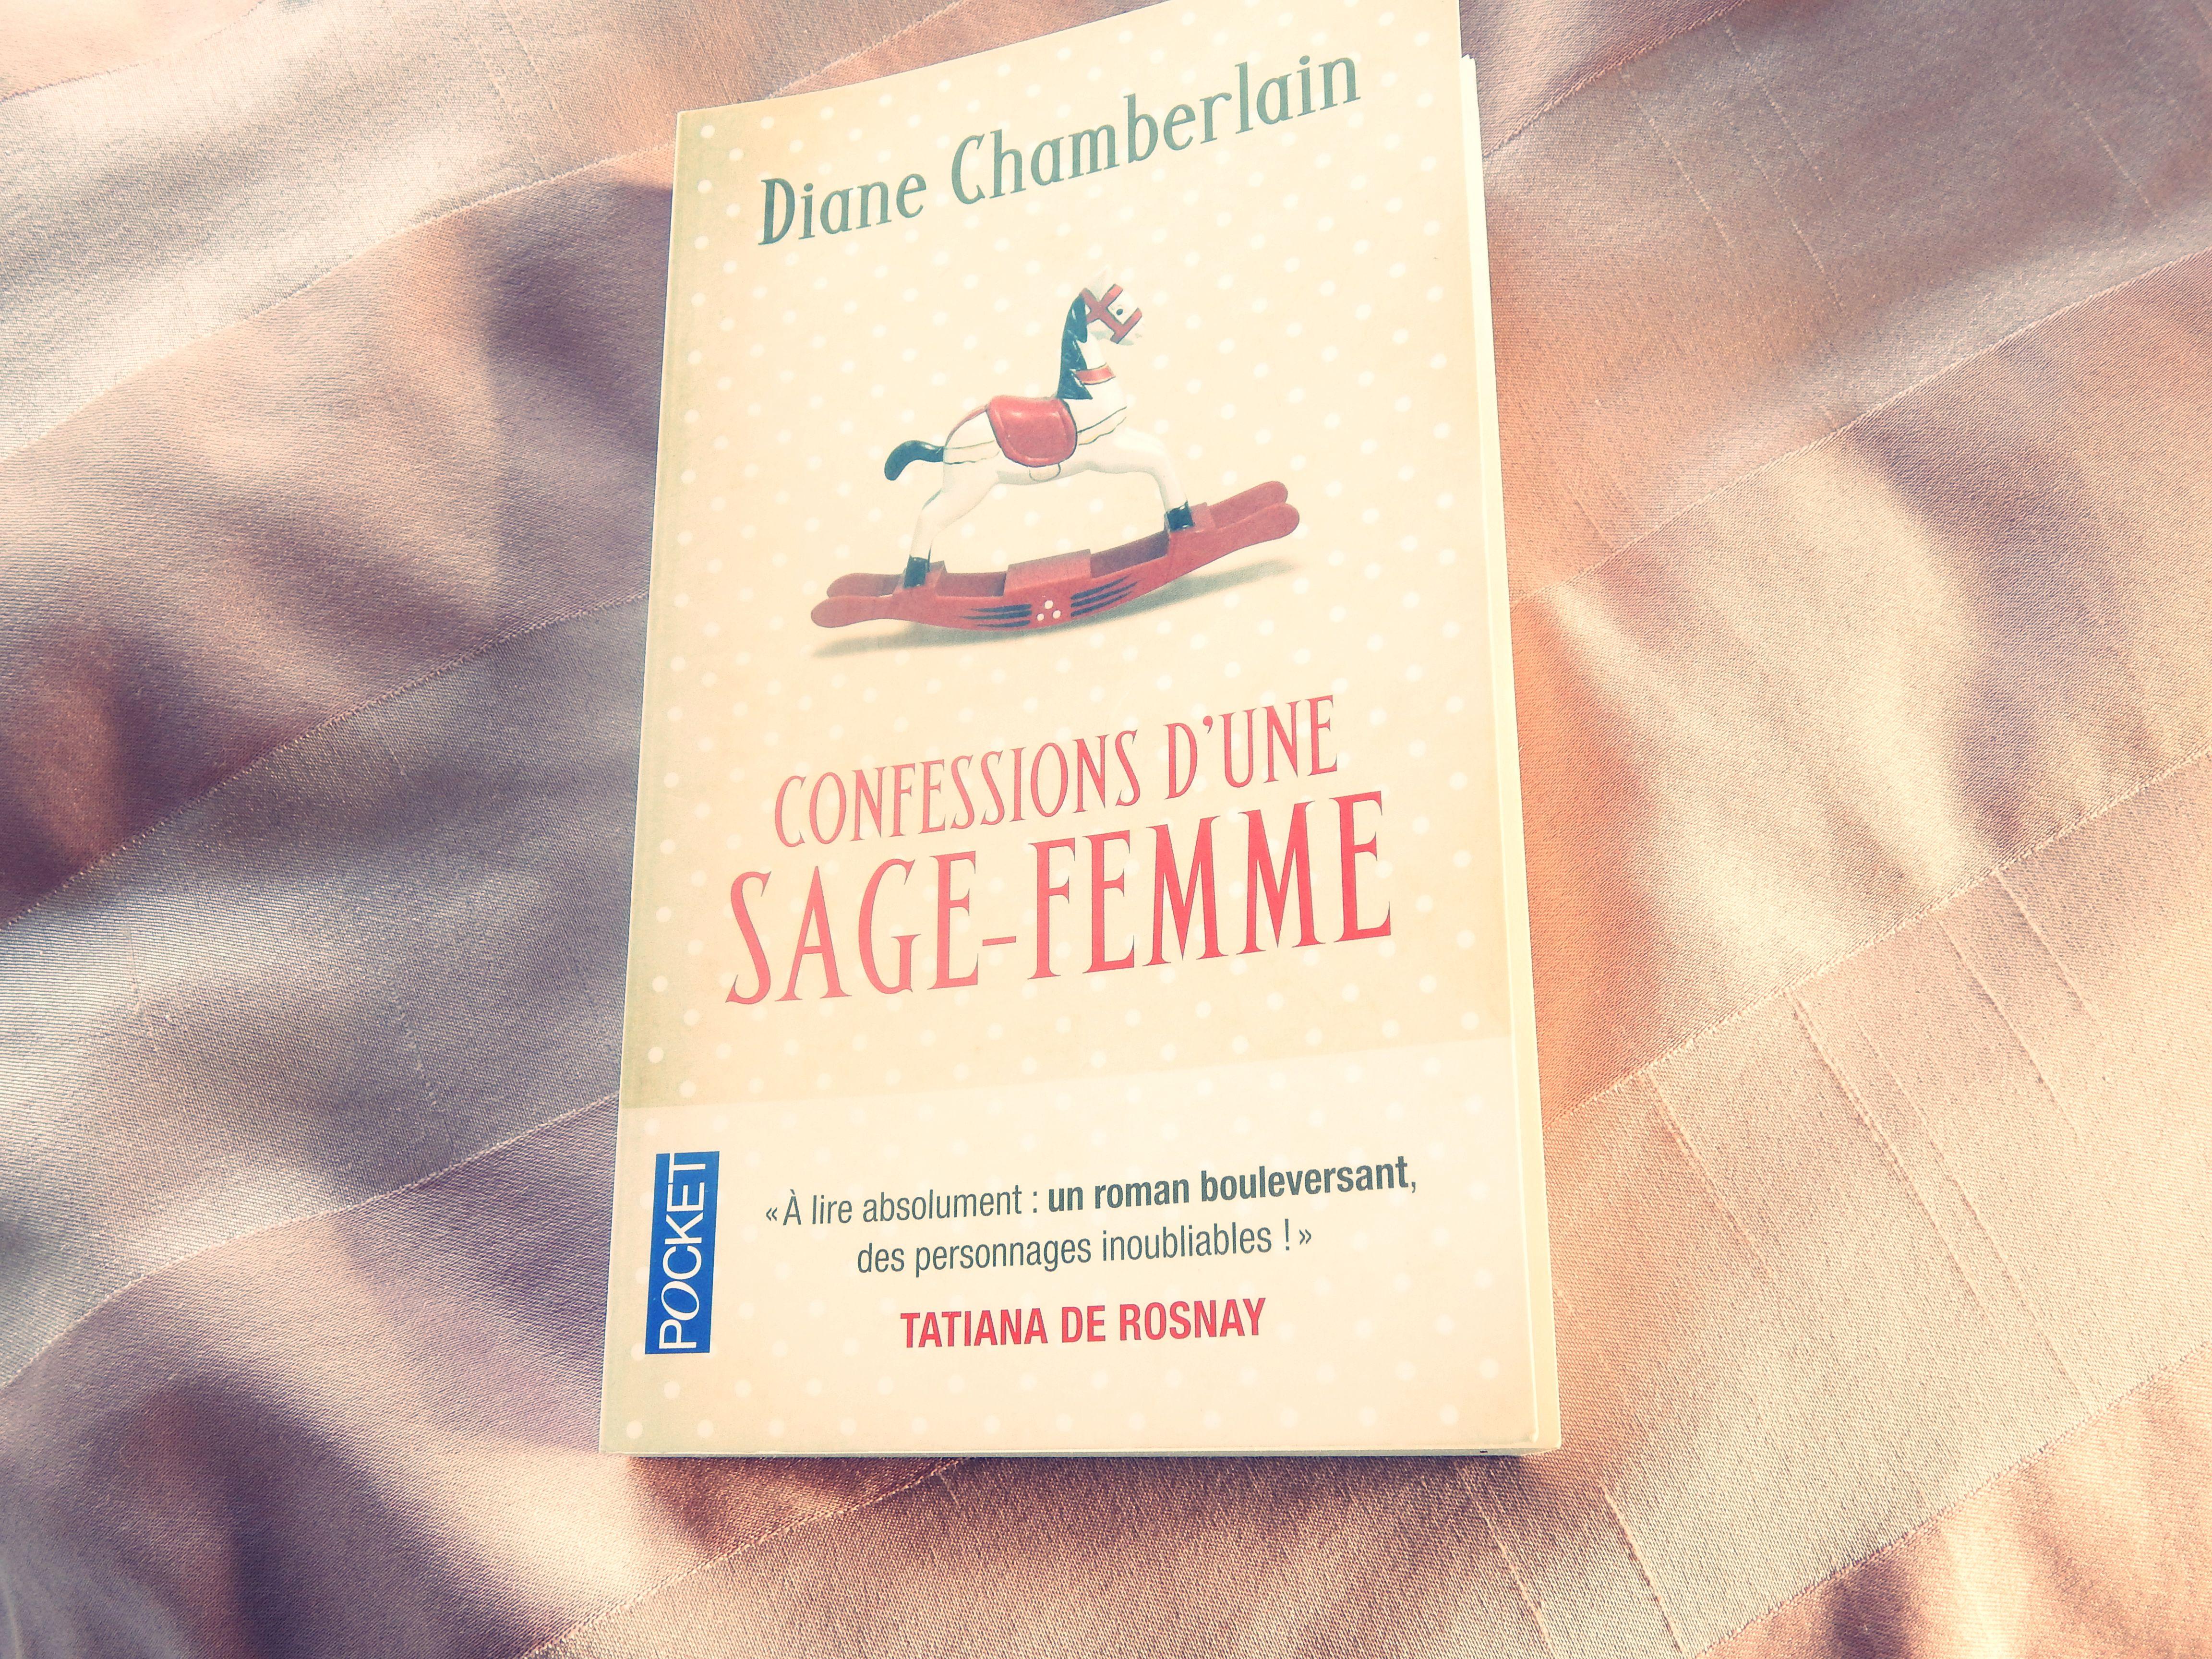 Confessions d'une sage femme - Diane Chamberlain